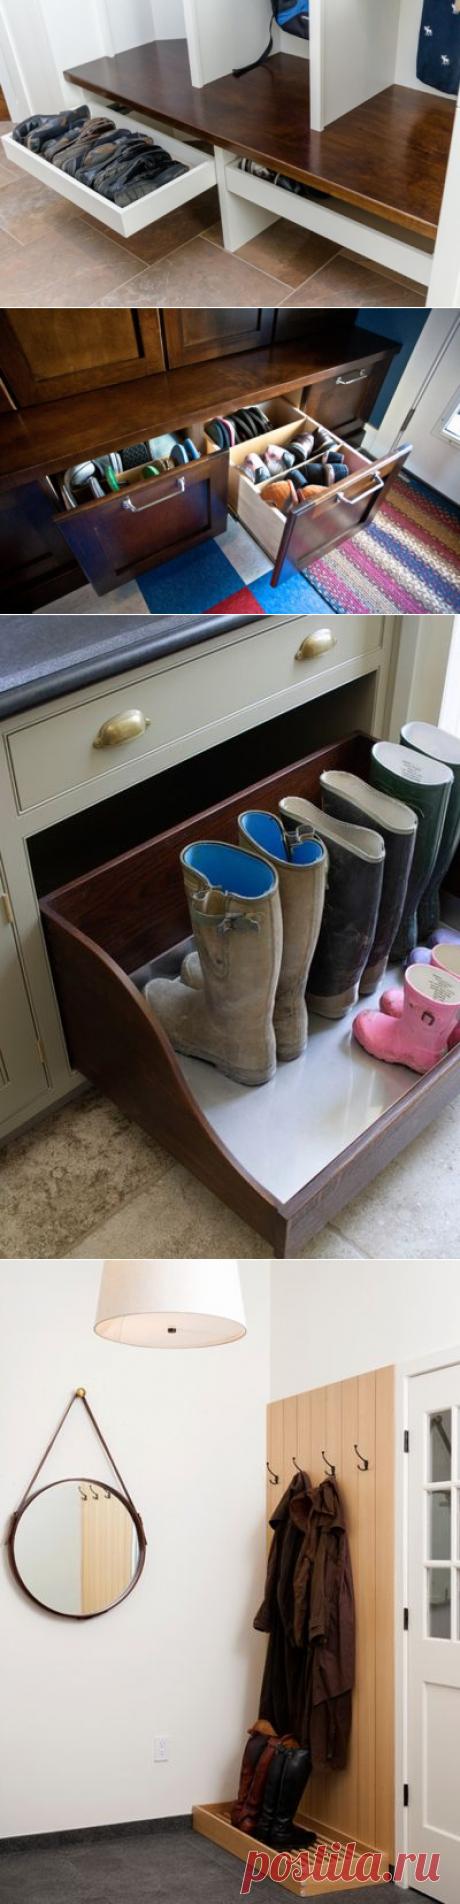 Хранение обуви  как хранить обувь в прихожей – идеи и варианты 52be63161a2